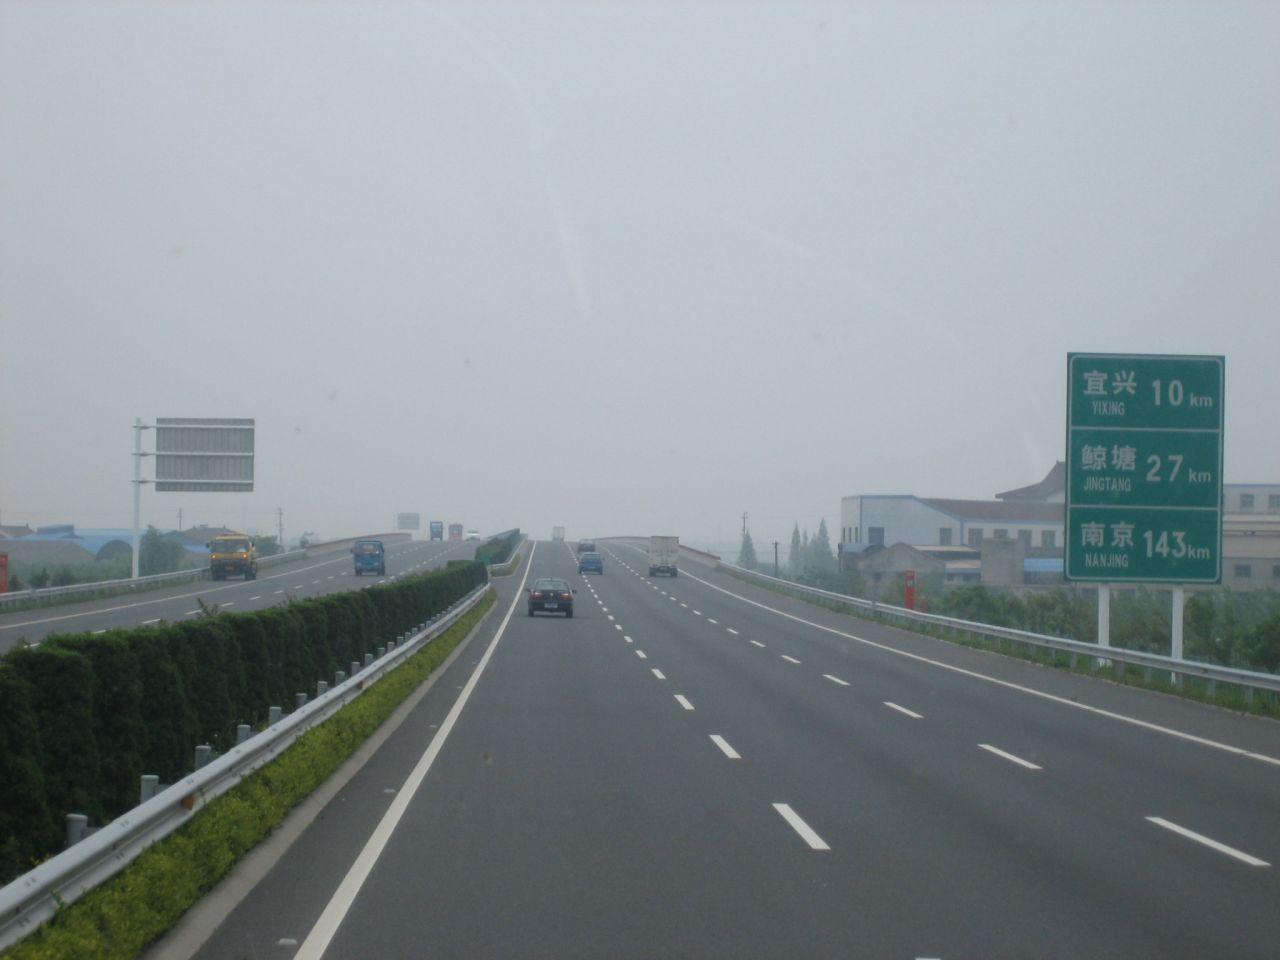 杭甬高速_沪杭高速公路